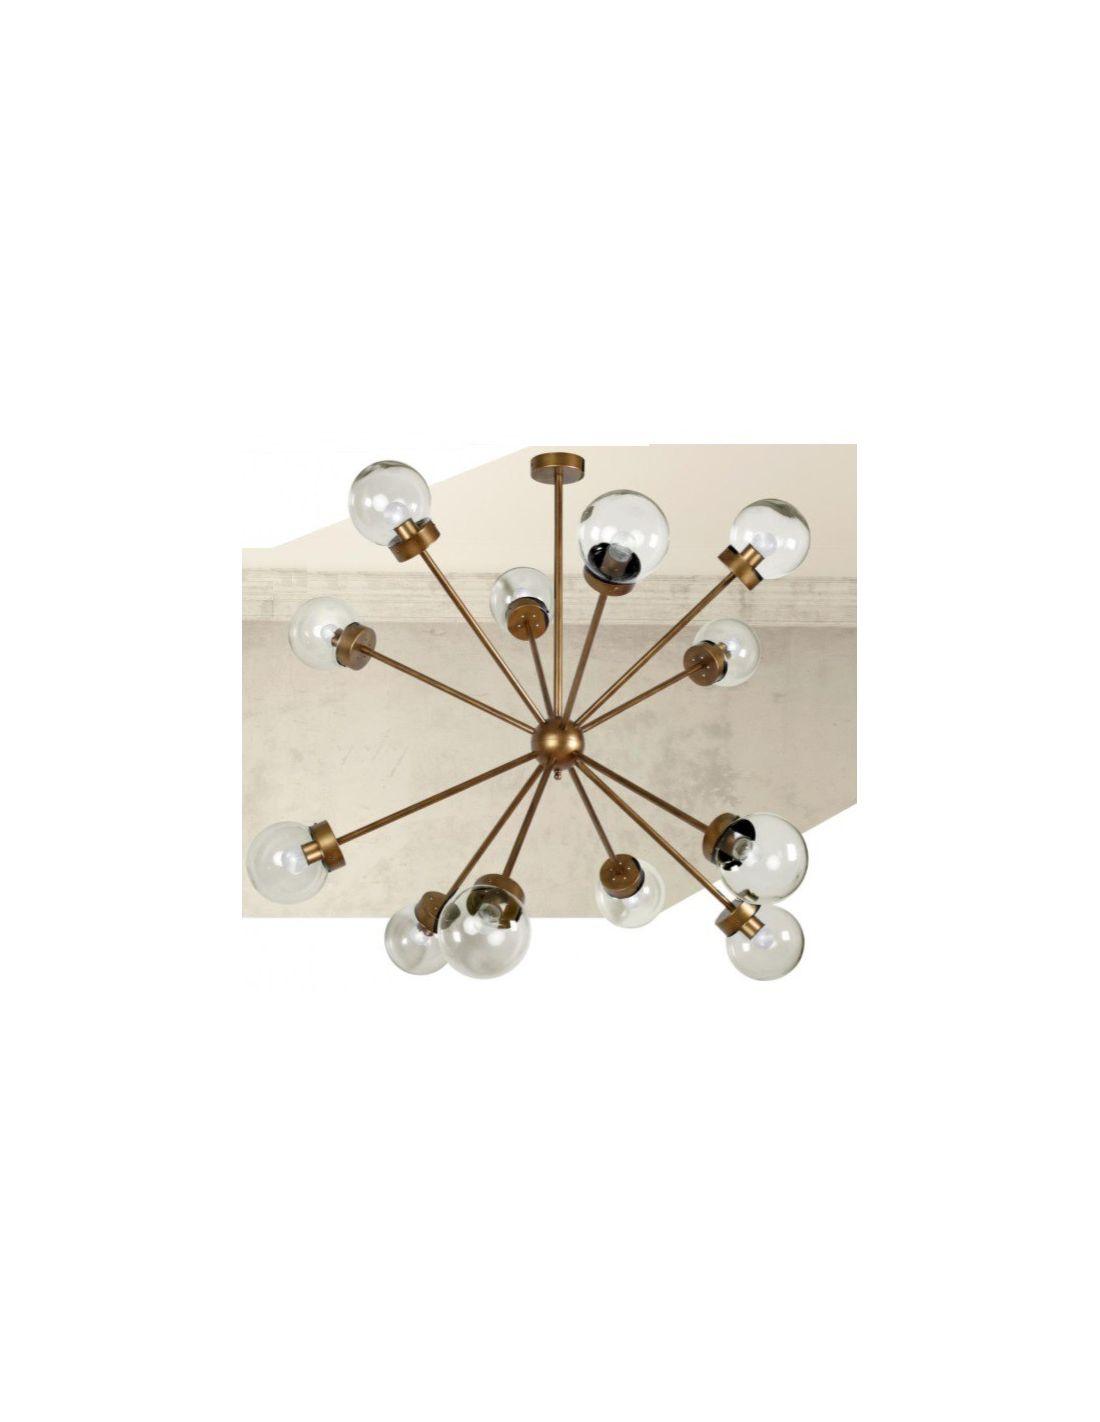 Estilo sputnik l mpara gran formato de 12 luces con - Lamparas para techos altos ...